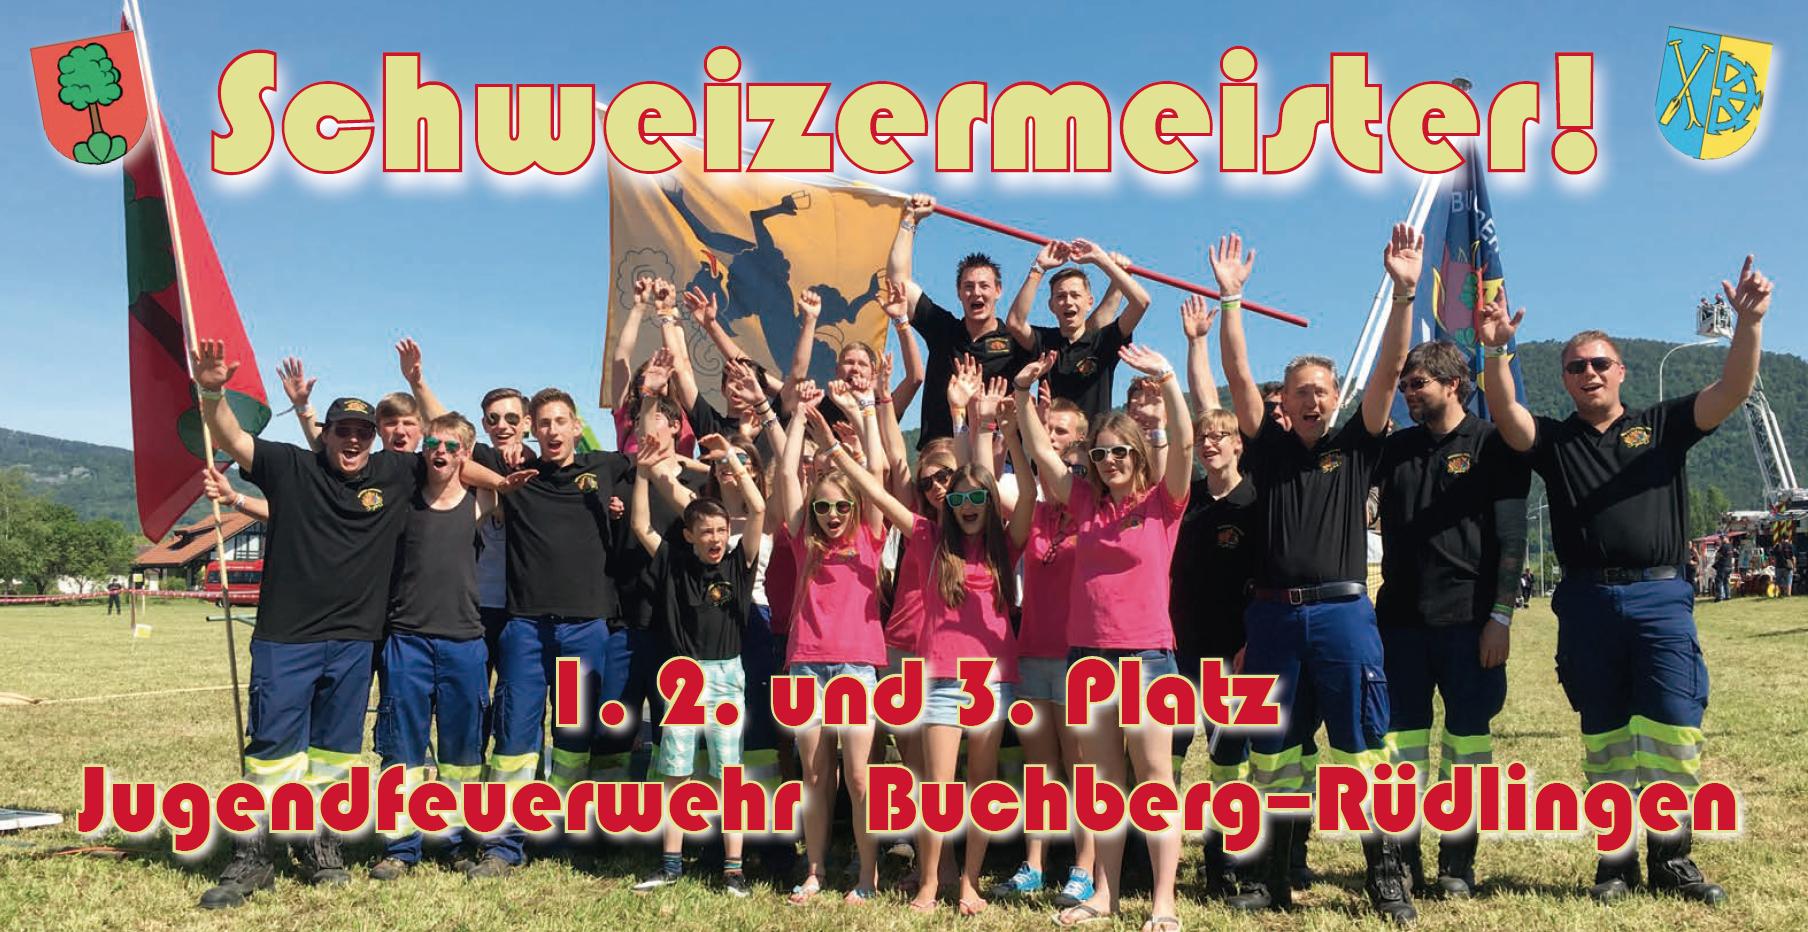 Jugenfdeuerwehr Schweizermeister 2016 Buchberg Rüdlingen